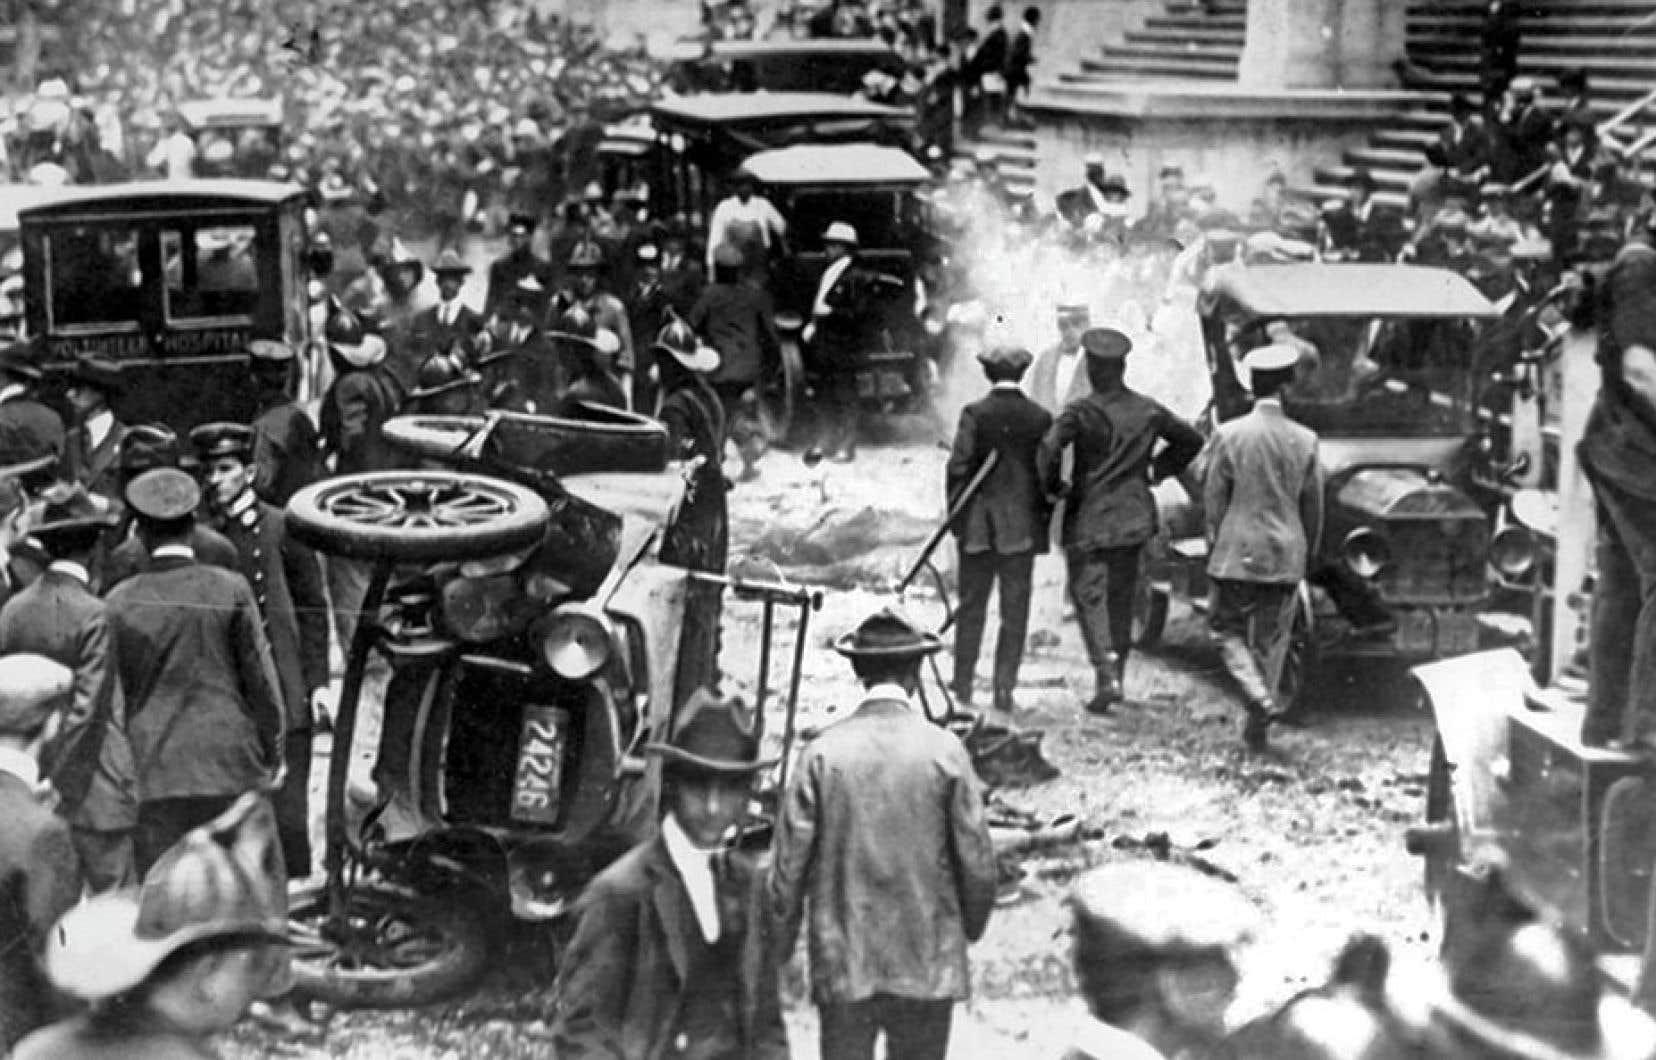 L'attentat de Wall Street de 1920 est demeuré le plus meurtrier de l'histoire des États-Unis jusqu'à celui d'Oklahoma en 1995 et le pire de New York jusqu'aux attaques du 11septembre 2001.